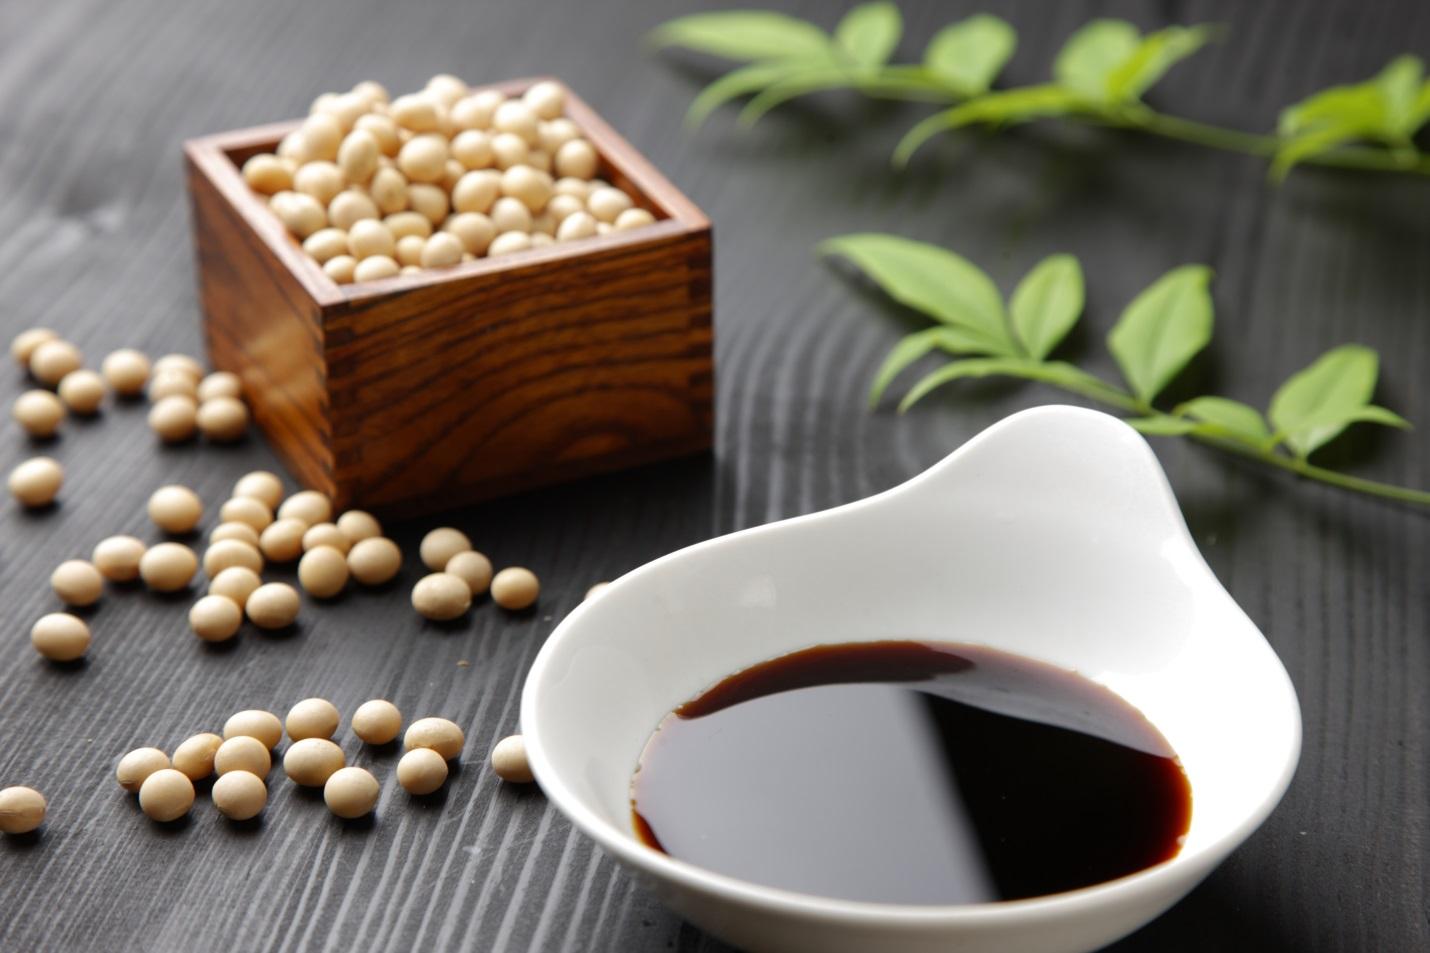 Đặc trưng của thực phẩm lên men – vị umami - Ảnh 3